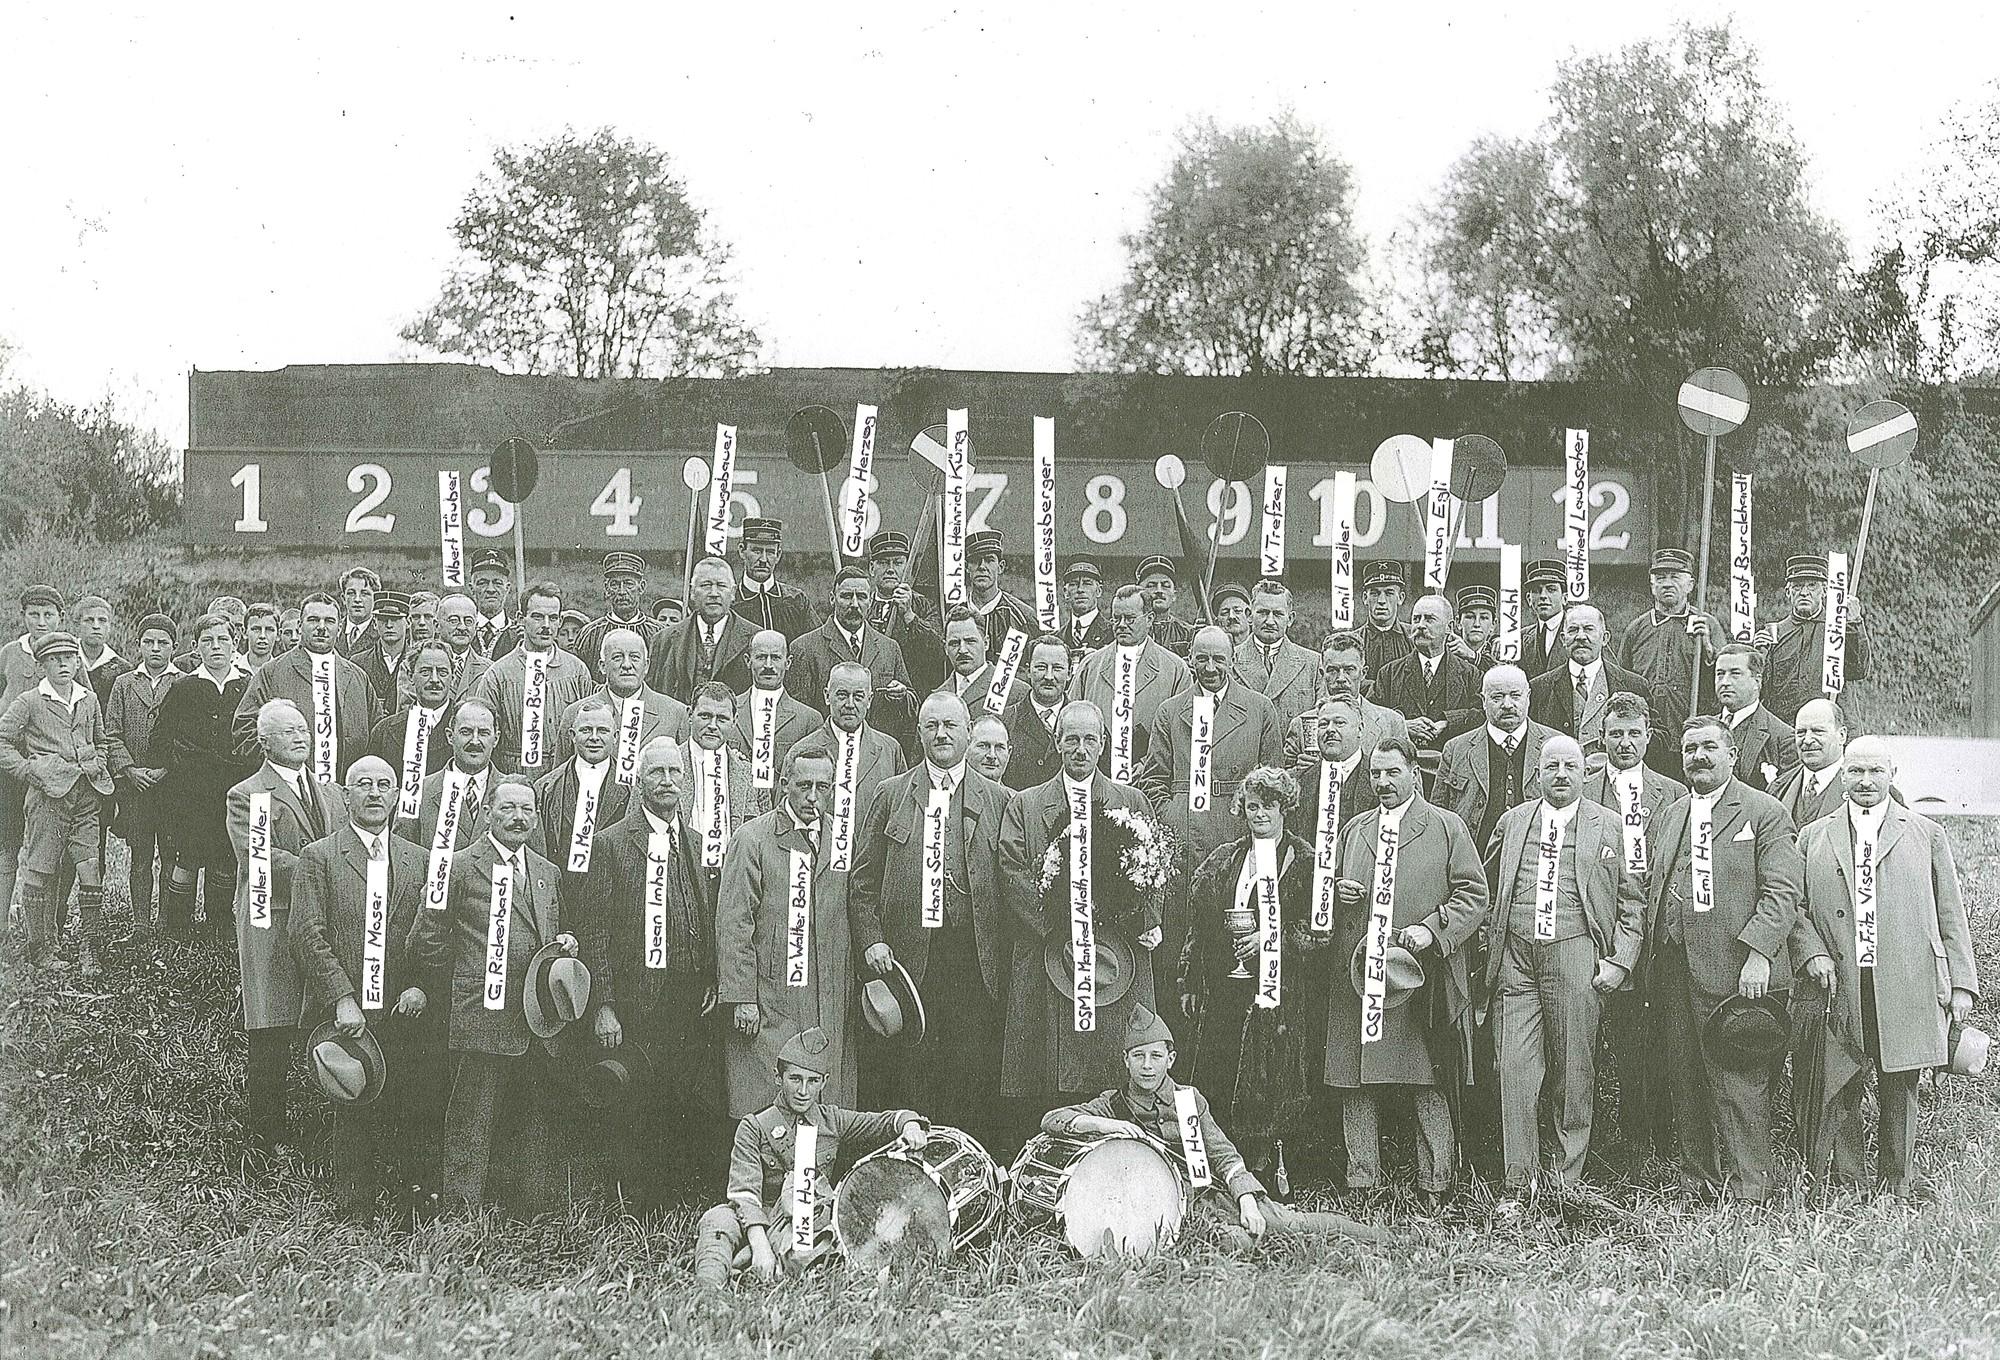 Legende zu Bild Standweihe 1930